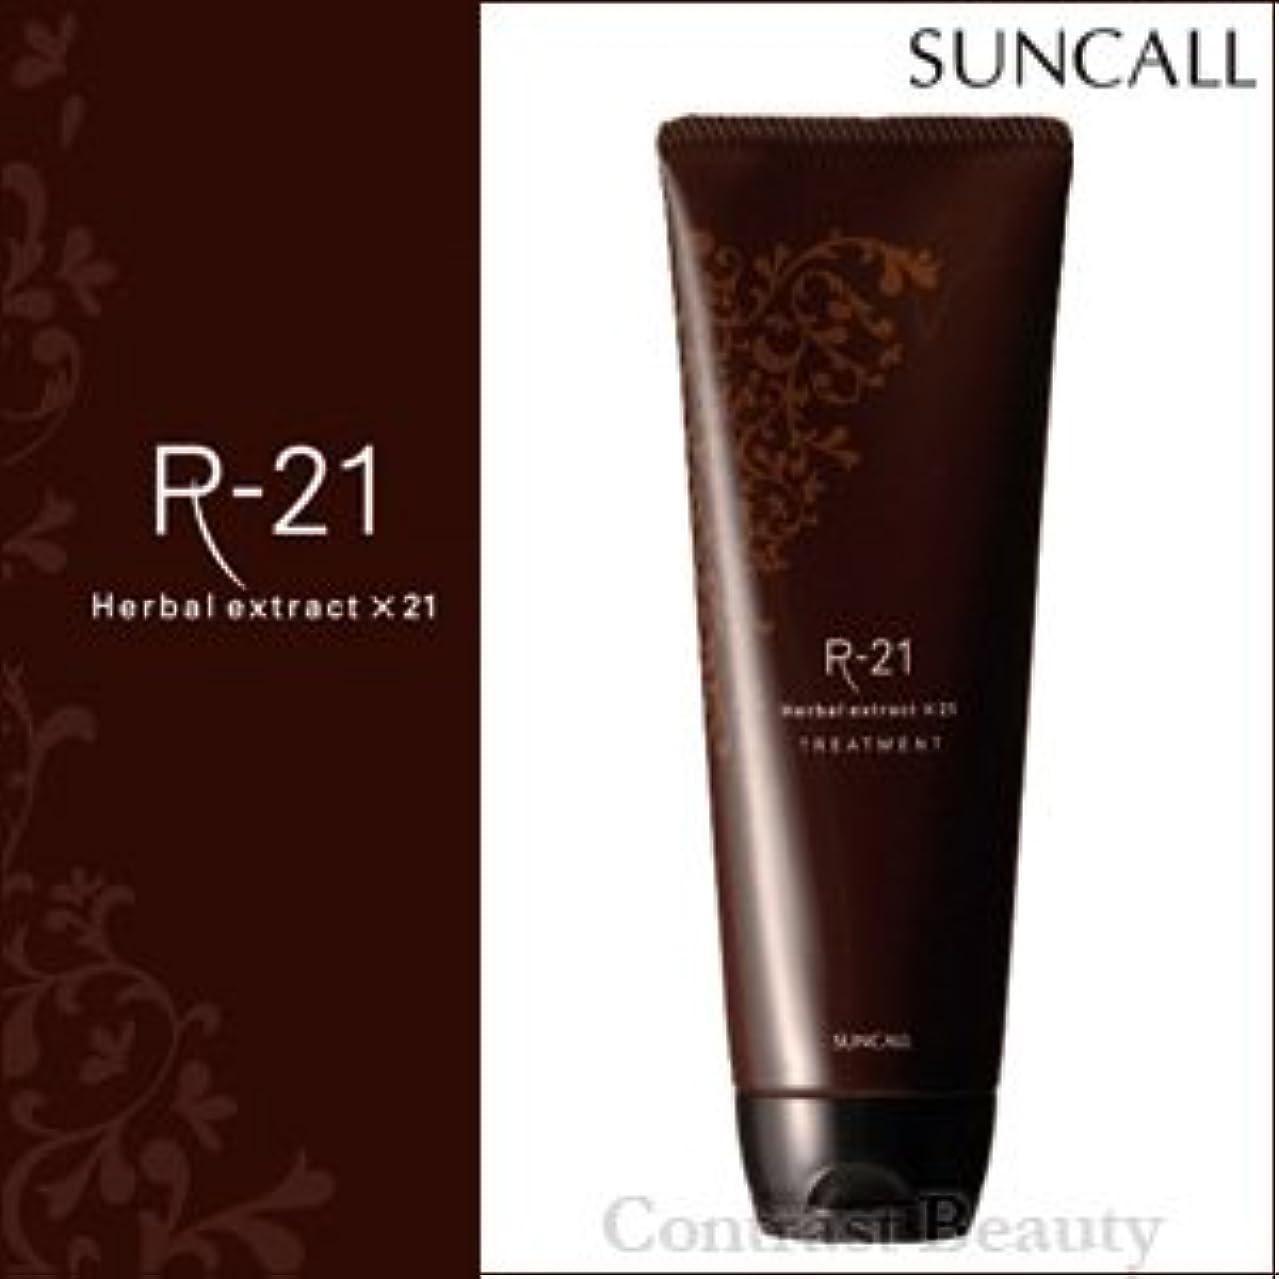 地下鉄香り嫌がらせ【X2個セット】 サンコール R-21 トリートメント 250ml suncall